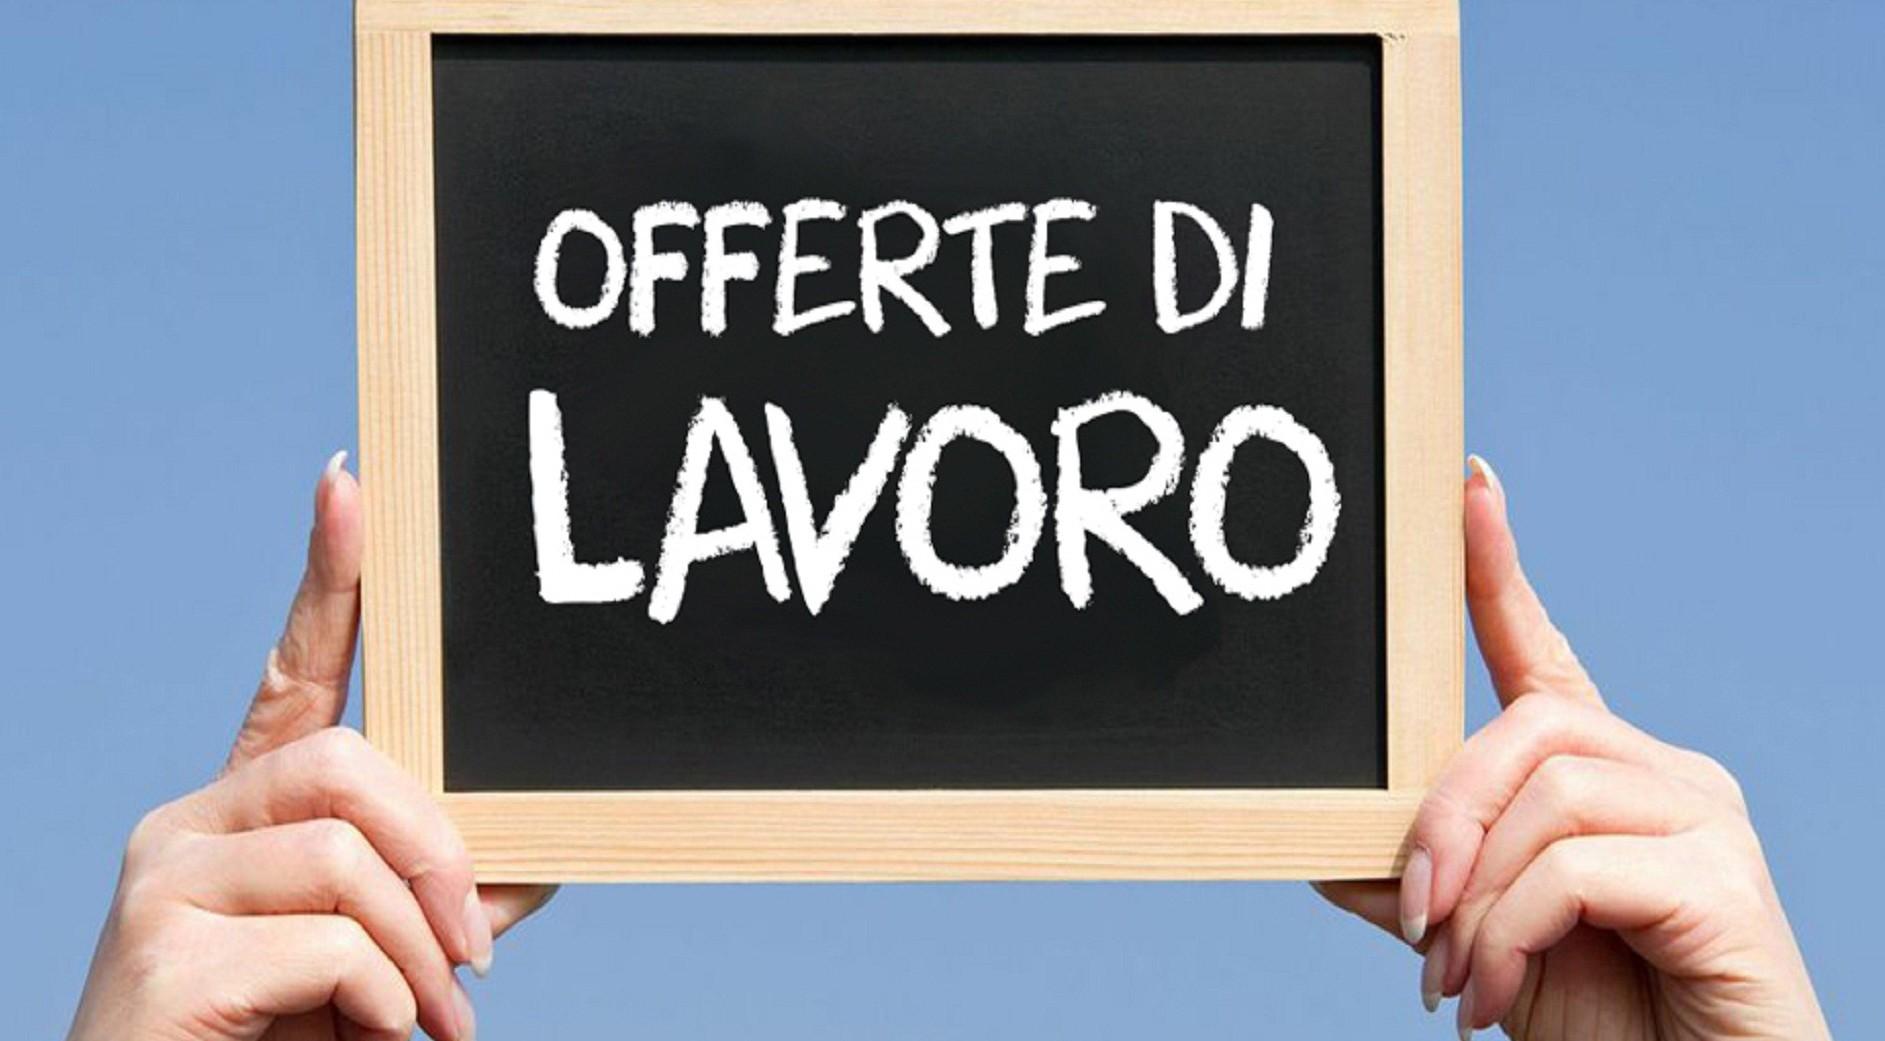 Lavoro Assistente Fotografo Catania offerte di lavoro gennaio 2020 con o senza esperienza